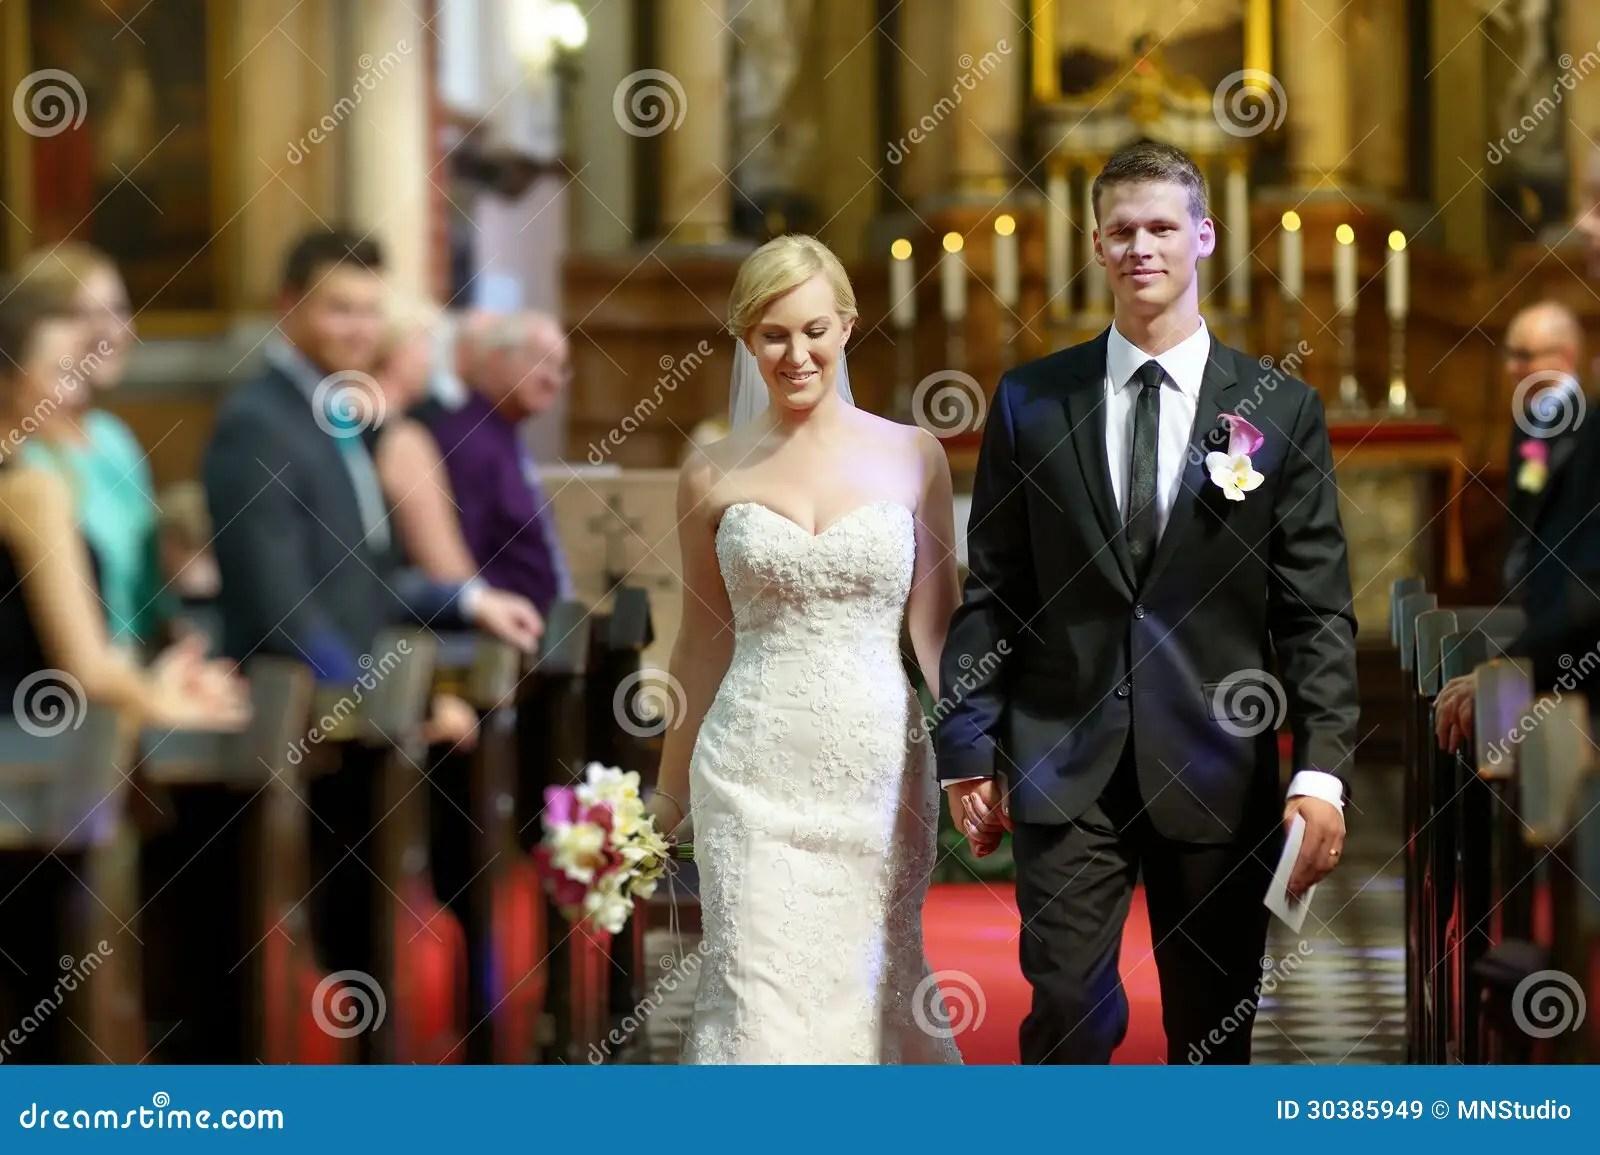 Braut Und Brutigam Welche Die Kirche Verlassen Stockbild  Bild von frau katholisch 30385949